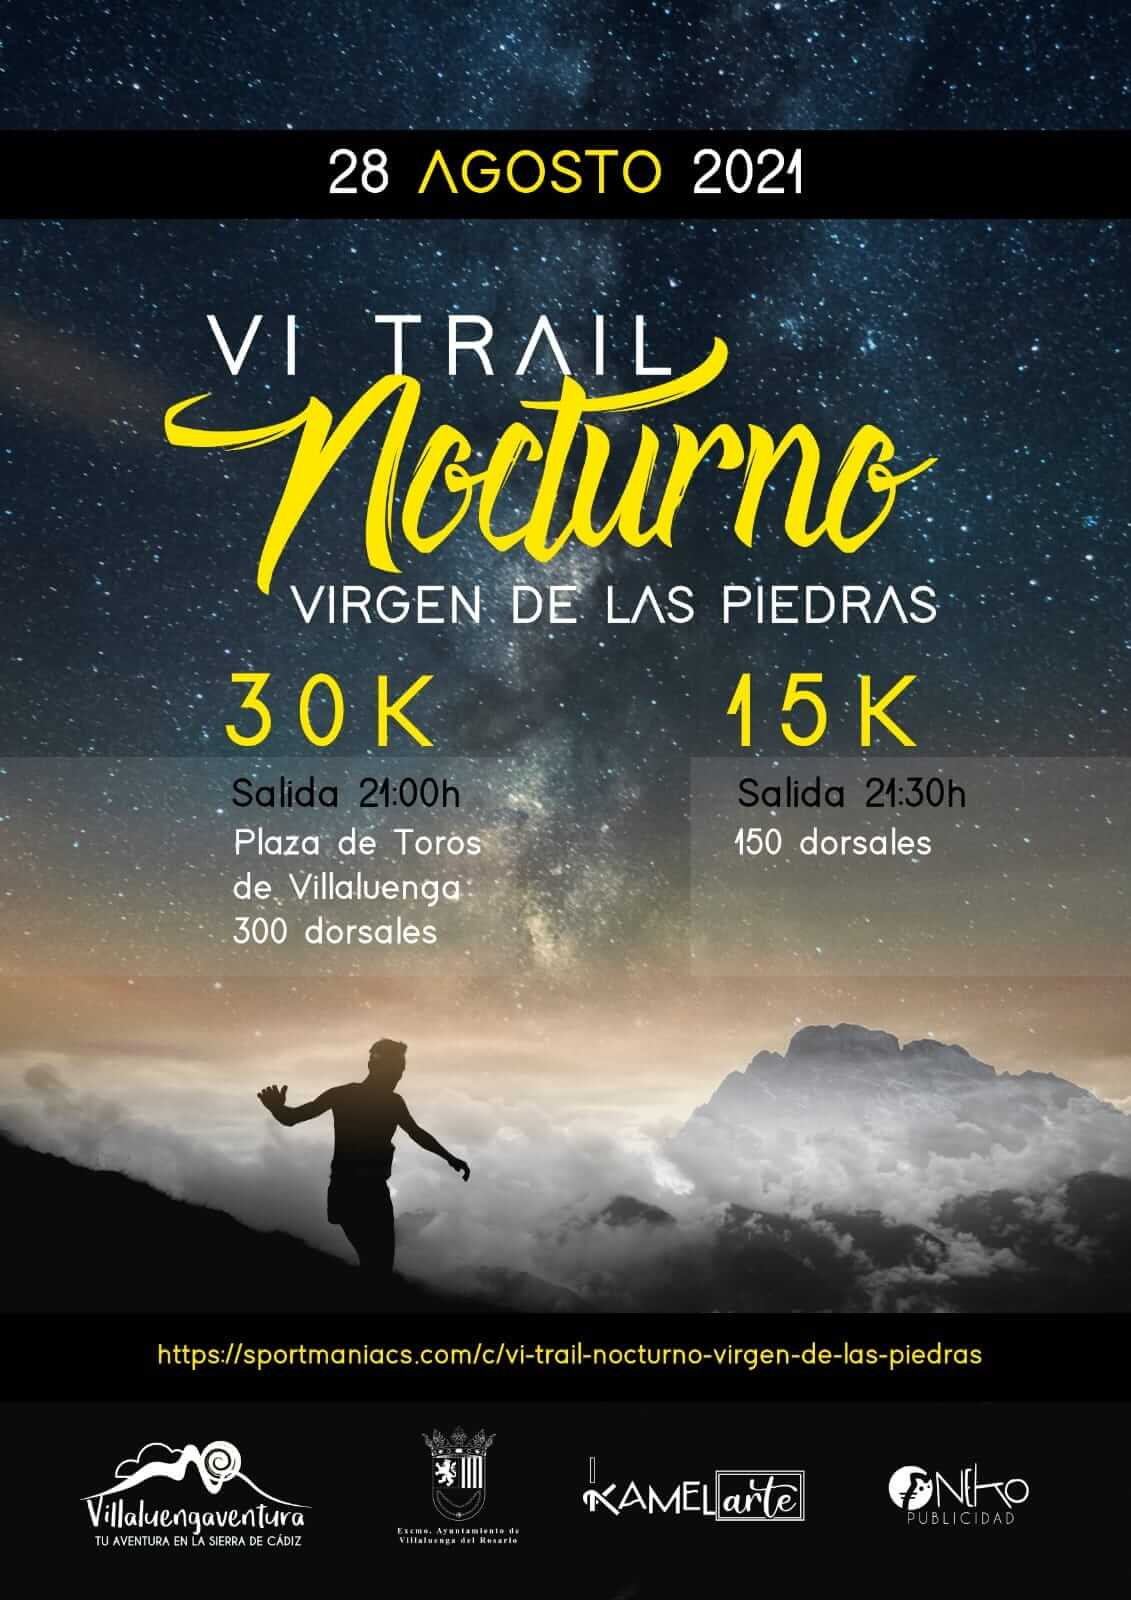 VI Trail Nocturno Virgen de las Piedras